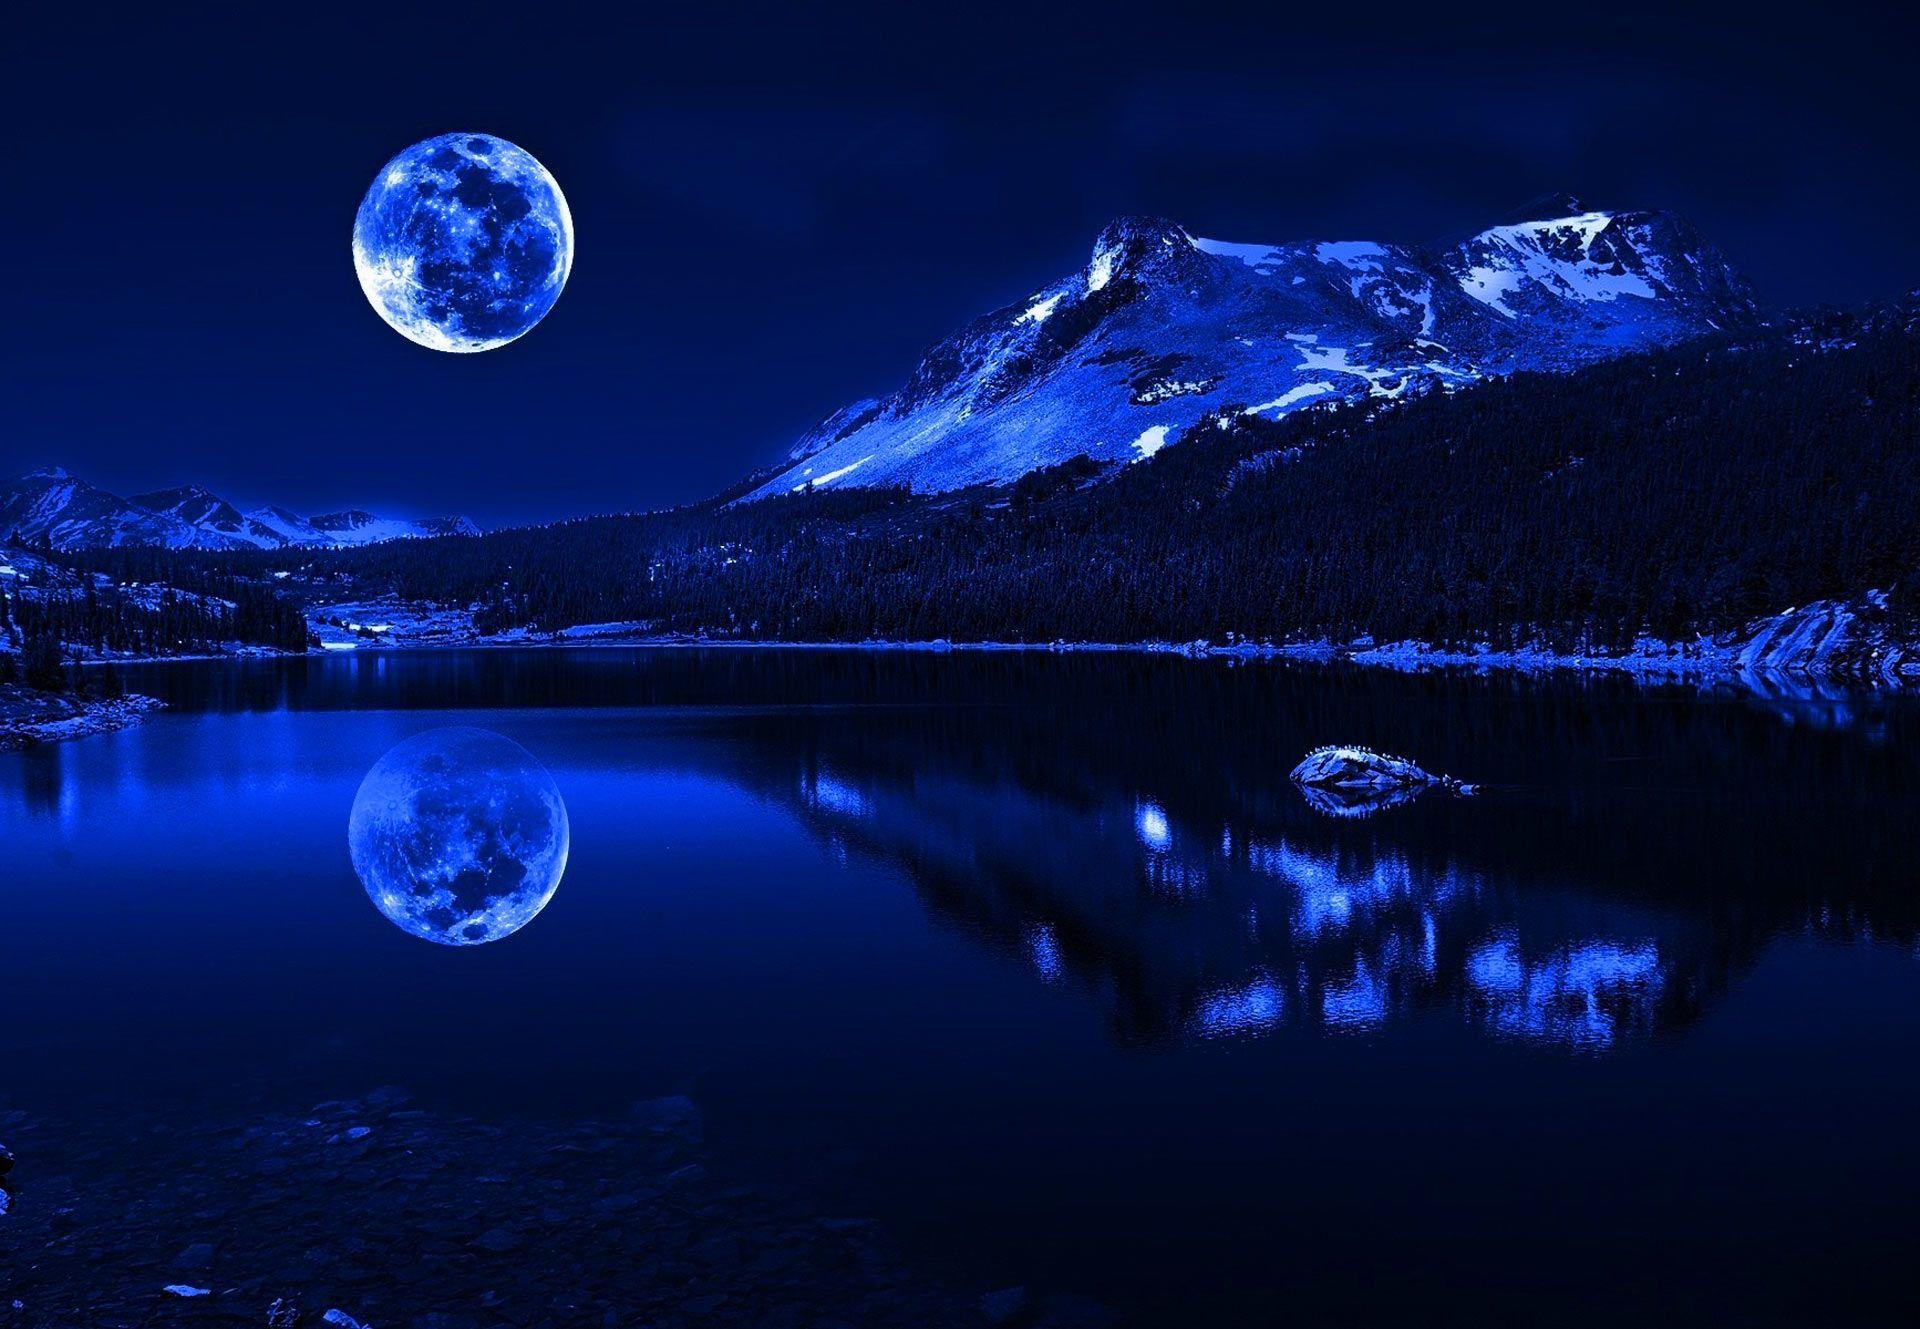 Fondo Pantalla Paisaje Luna Llena Sobre Lago